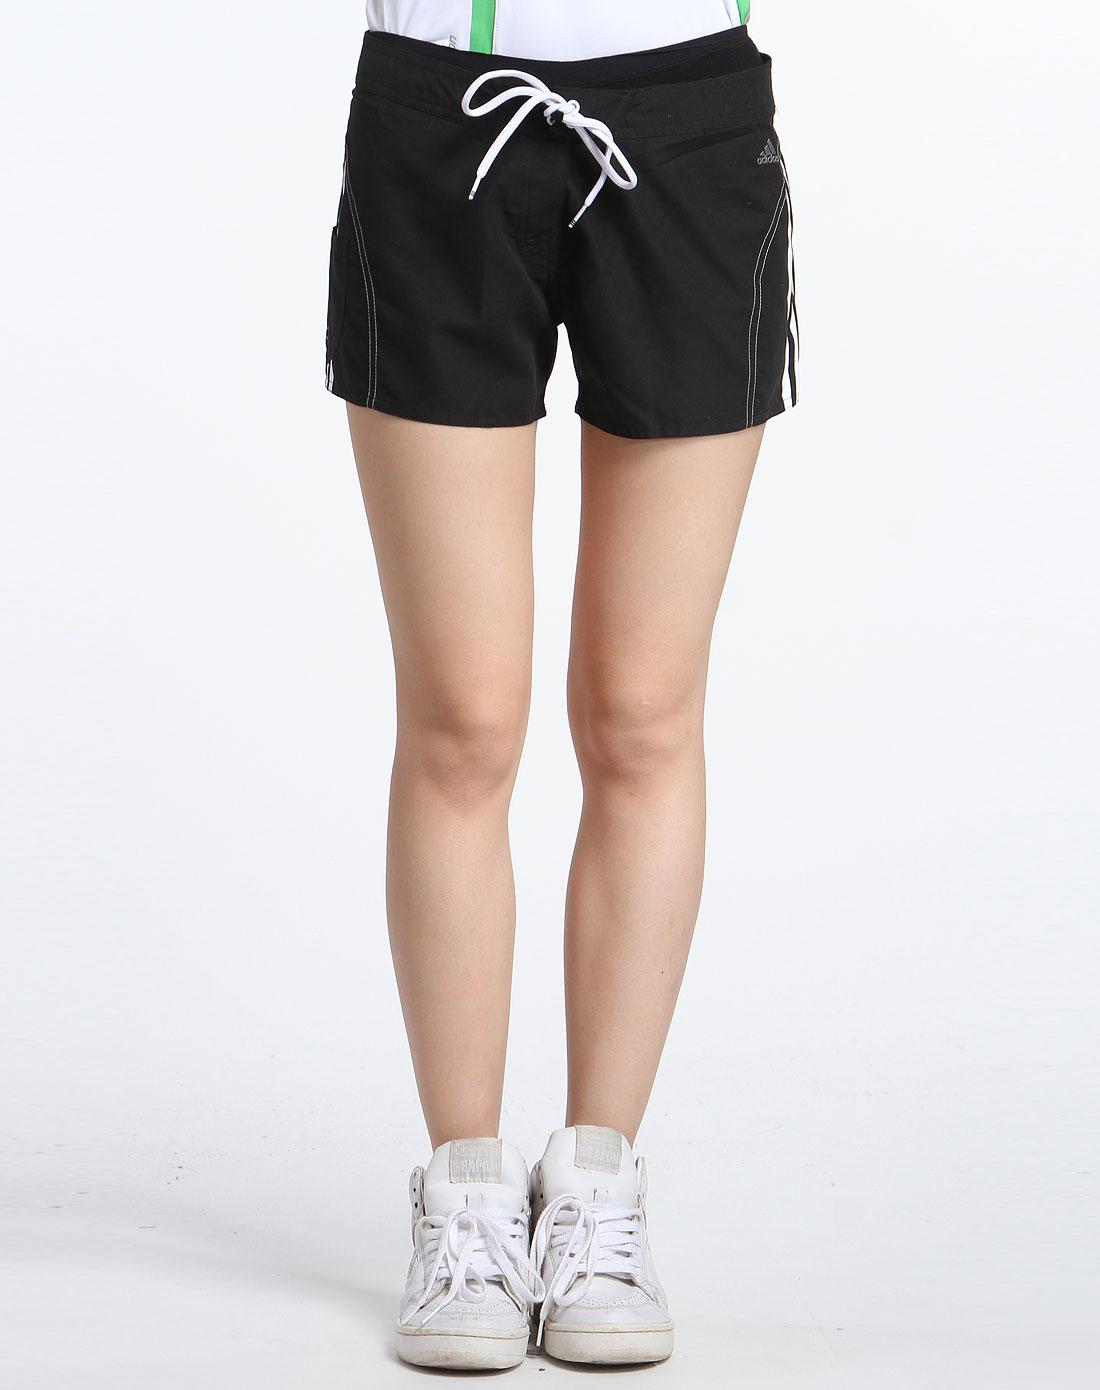 黑色运动型短裤